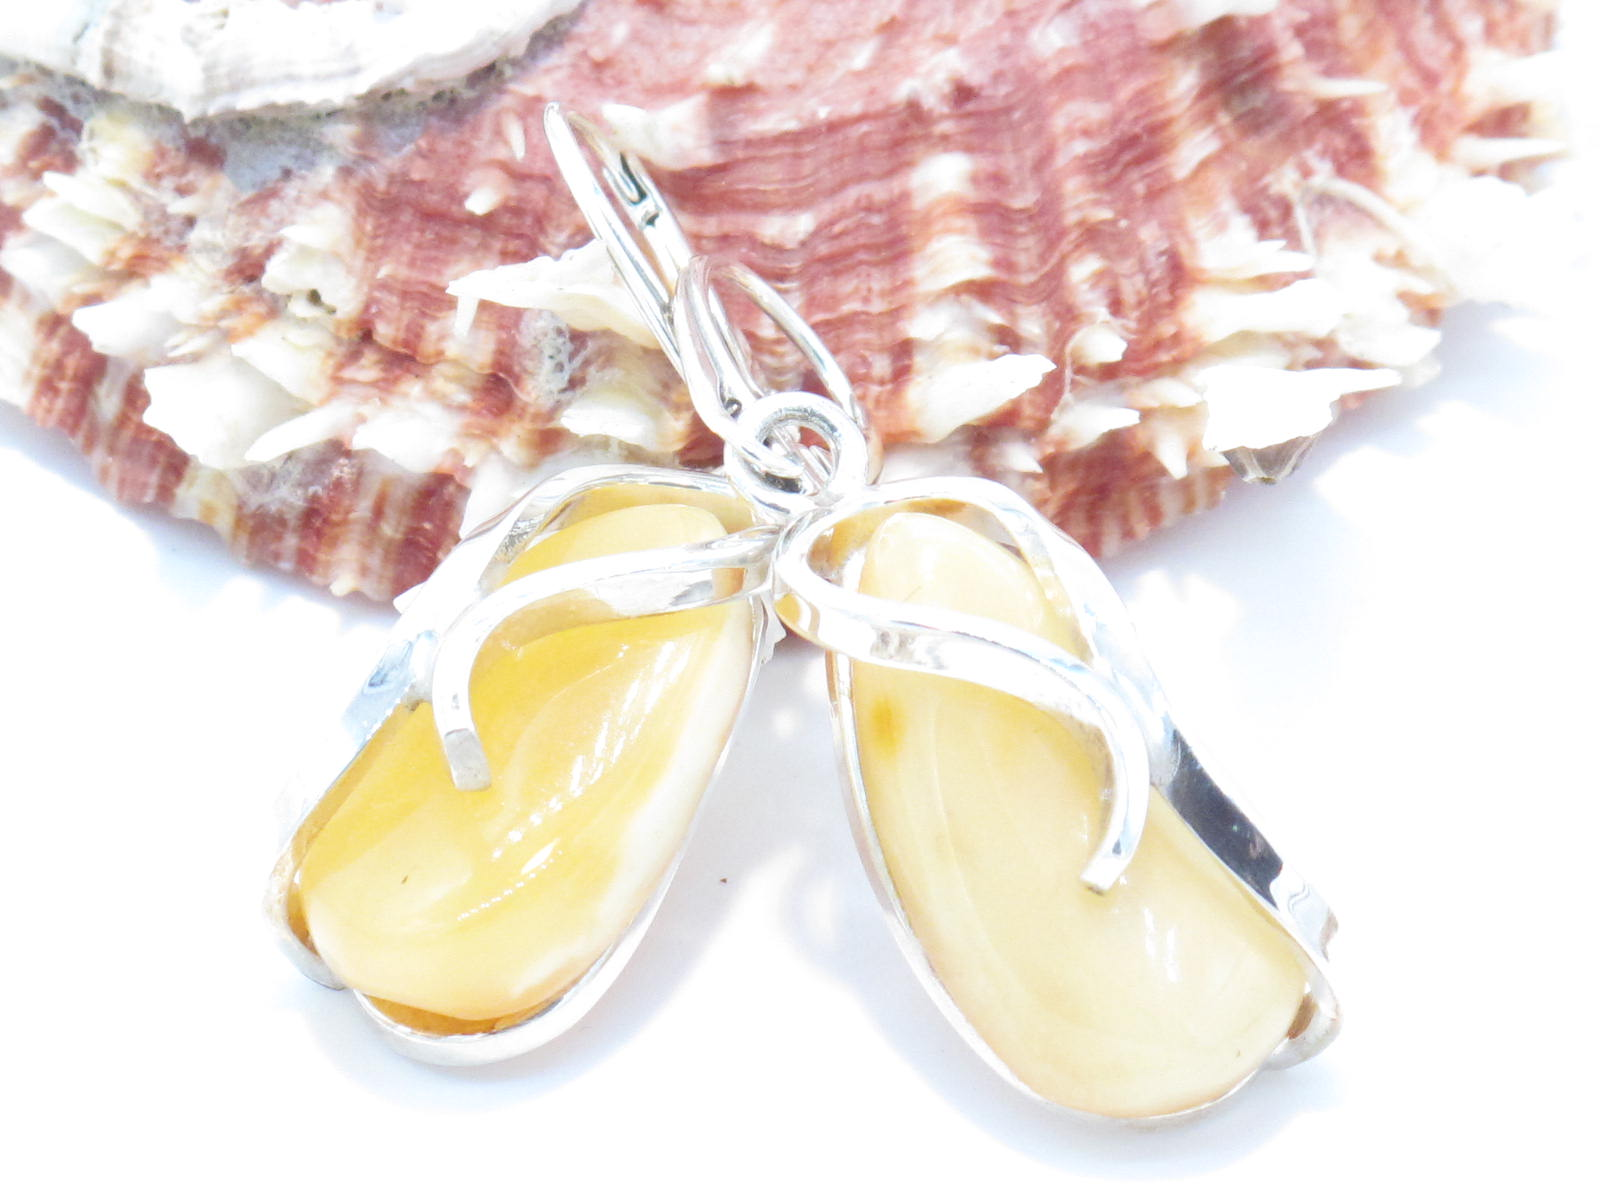 orecchini in argento e ambra grezza